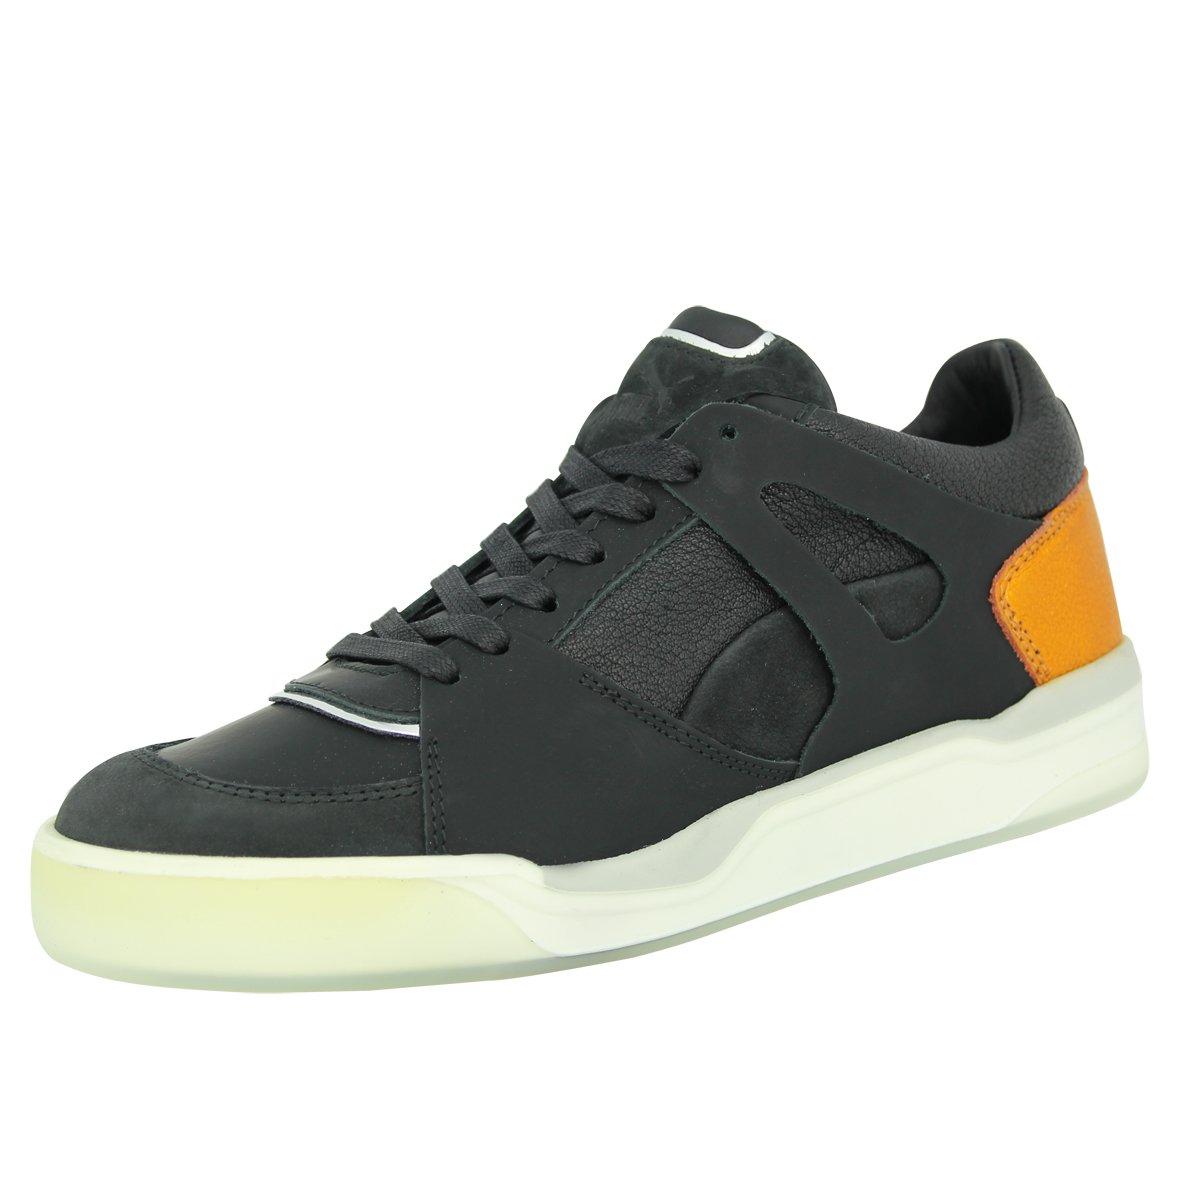 Puma WN MCQ MOVE FEMME LO Schwarz Damen Sneakers Schuhe Neu  41